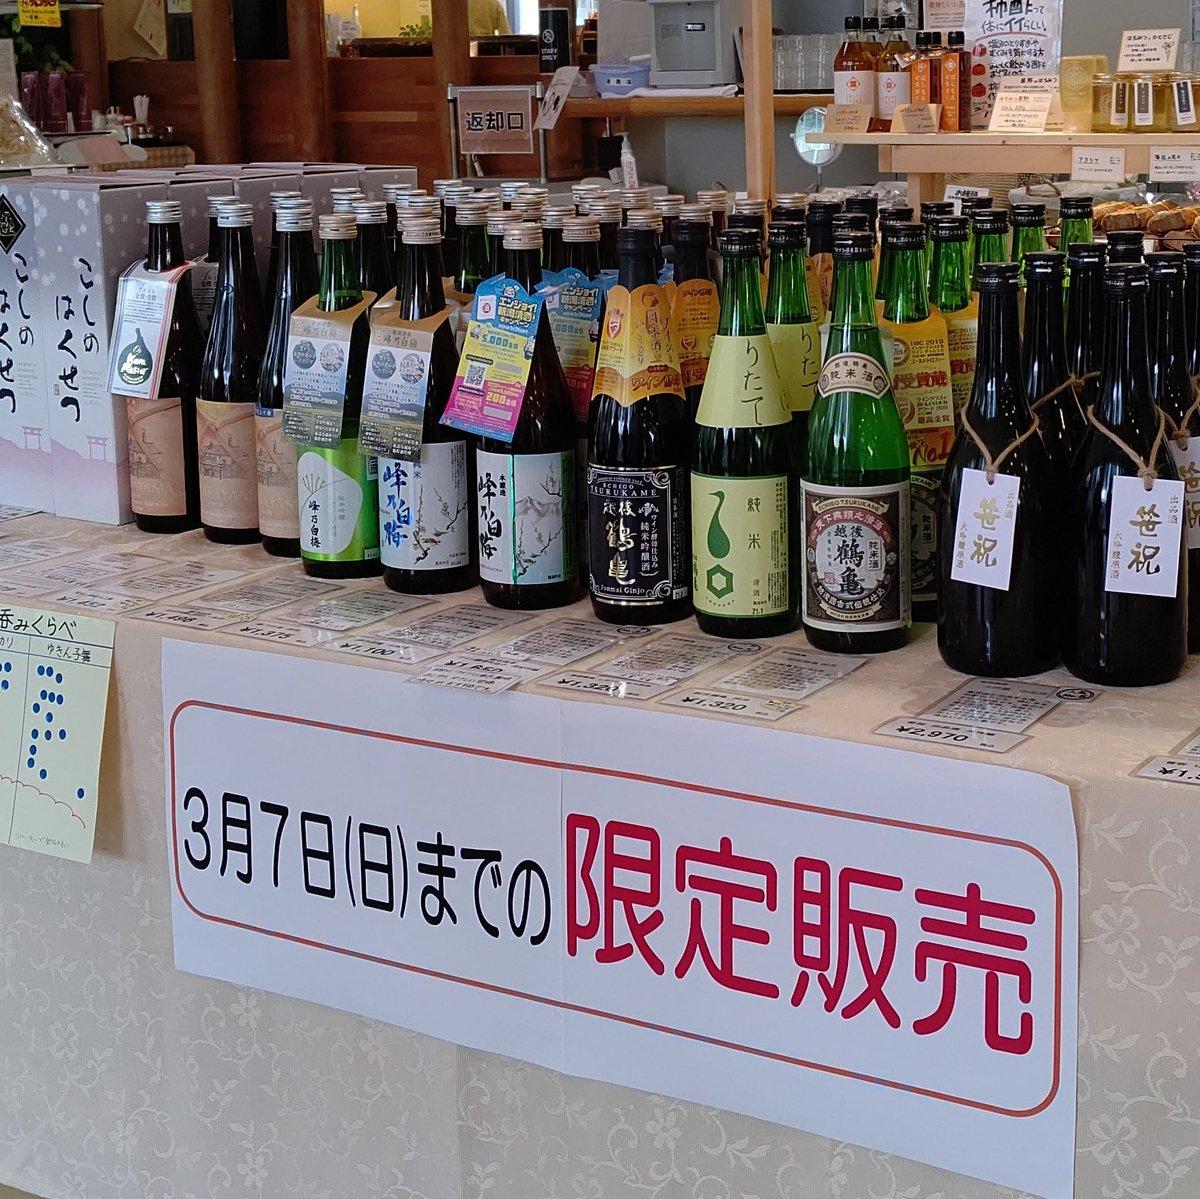 test ツイッターメディア - 新潟県峰乃白梅酒造。蔵の近隣、日帰り温泉「じょんのび館」で「日本酒風呂&酒粕風呂」のイベントに参加。https://t.co/r6Yo83GG0K 気になります。。笑 ◆日本酒のプレミアムな価値を酒蔵と共に再定義するブランド「shiro by」★第一弾「浅間酒造」応援はこちらhttps://t.co/cS92AjopnX https://t.co/QkOI3Zo46Q